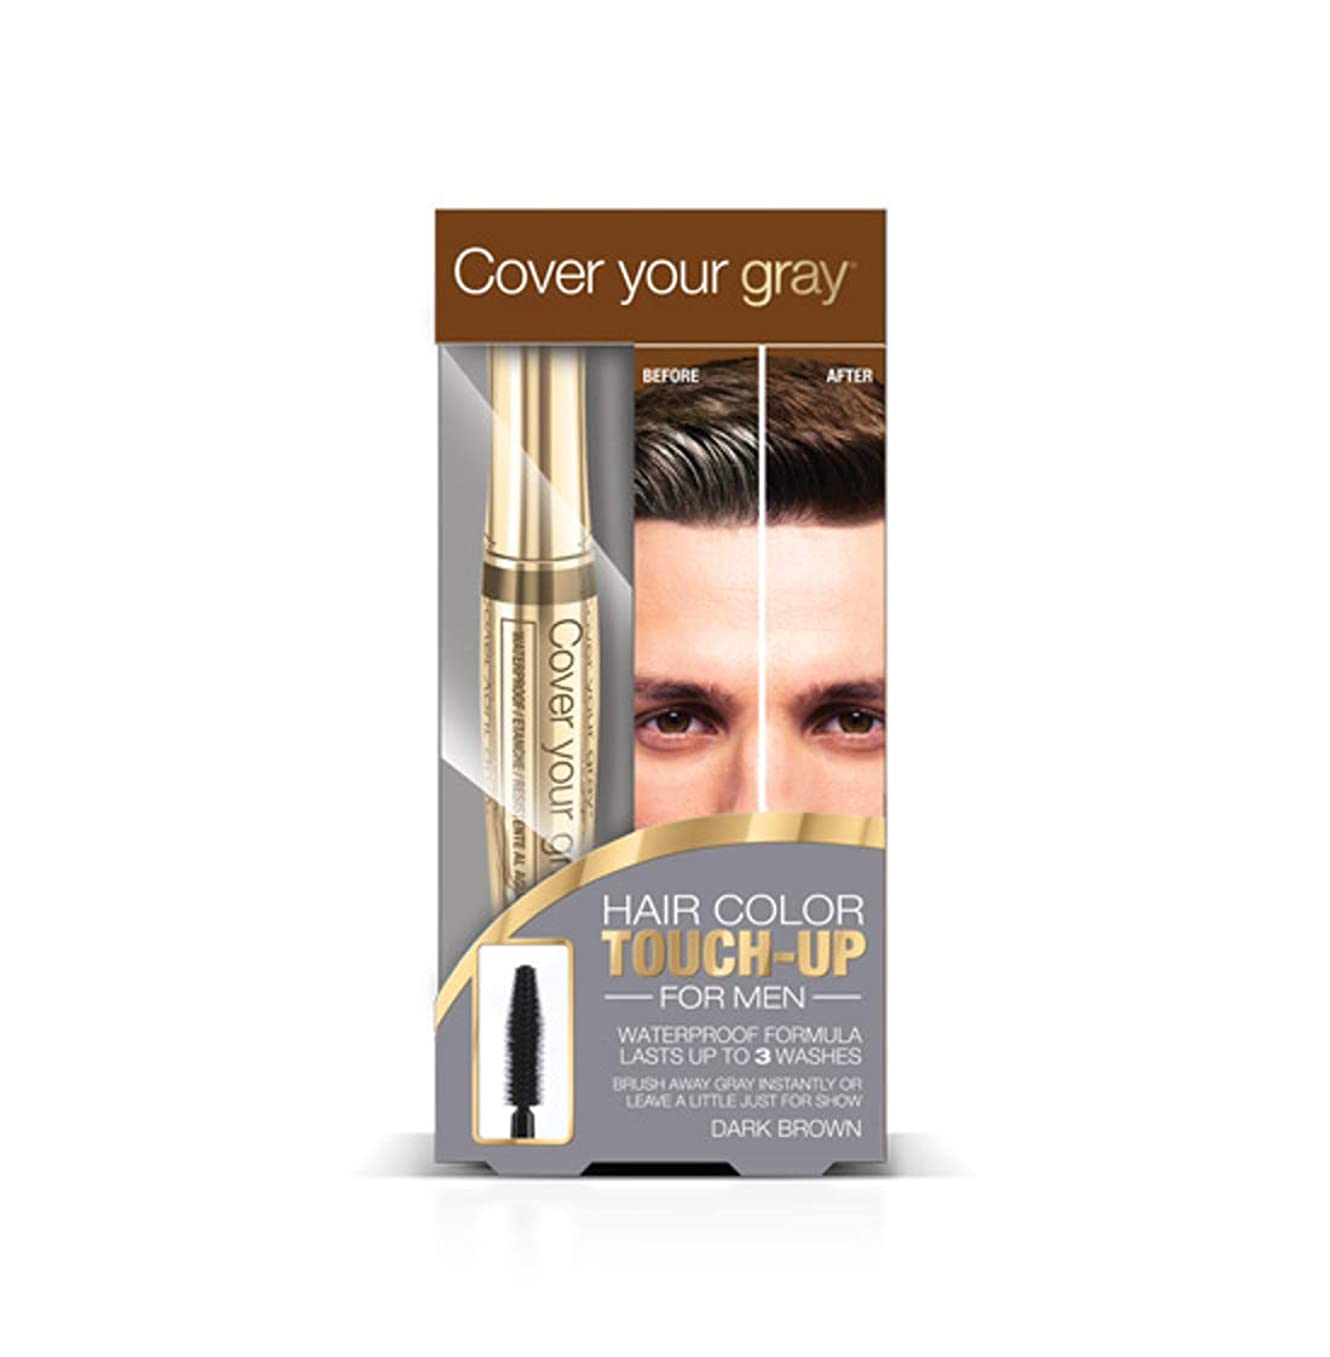 腫瘍樹皮専門化するCover Your Gray メンズ防水ブラシイン - ダークブラウン